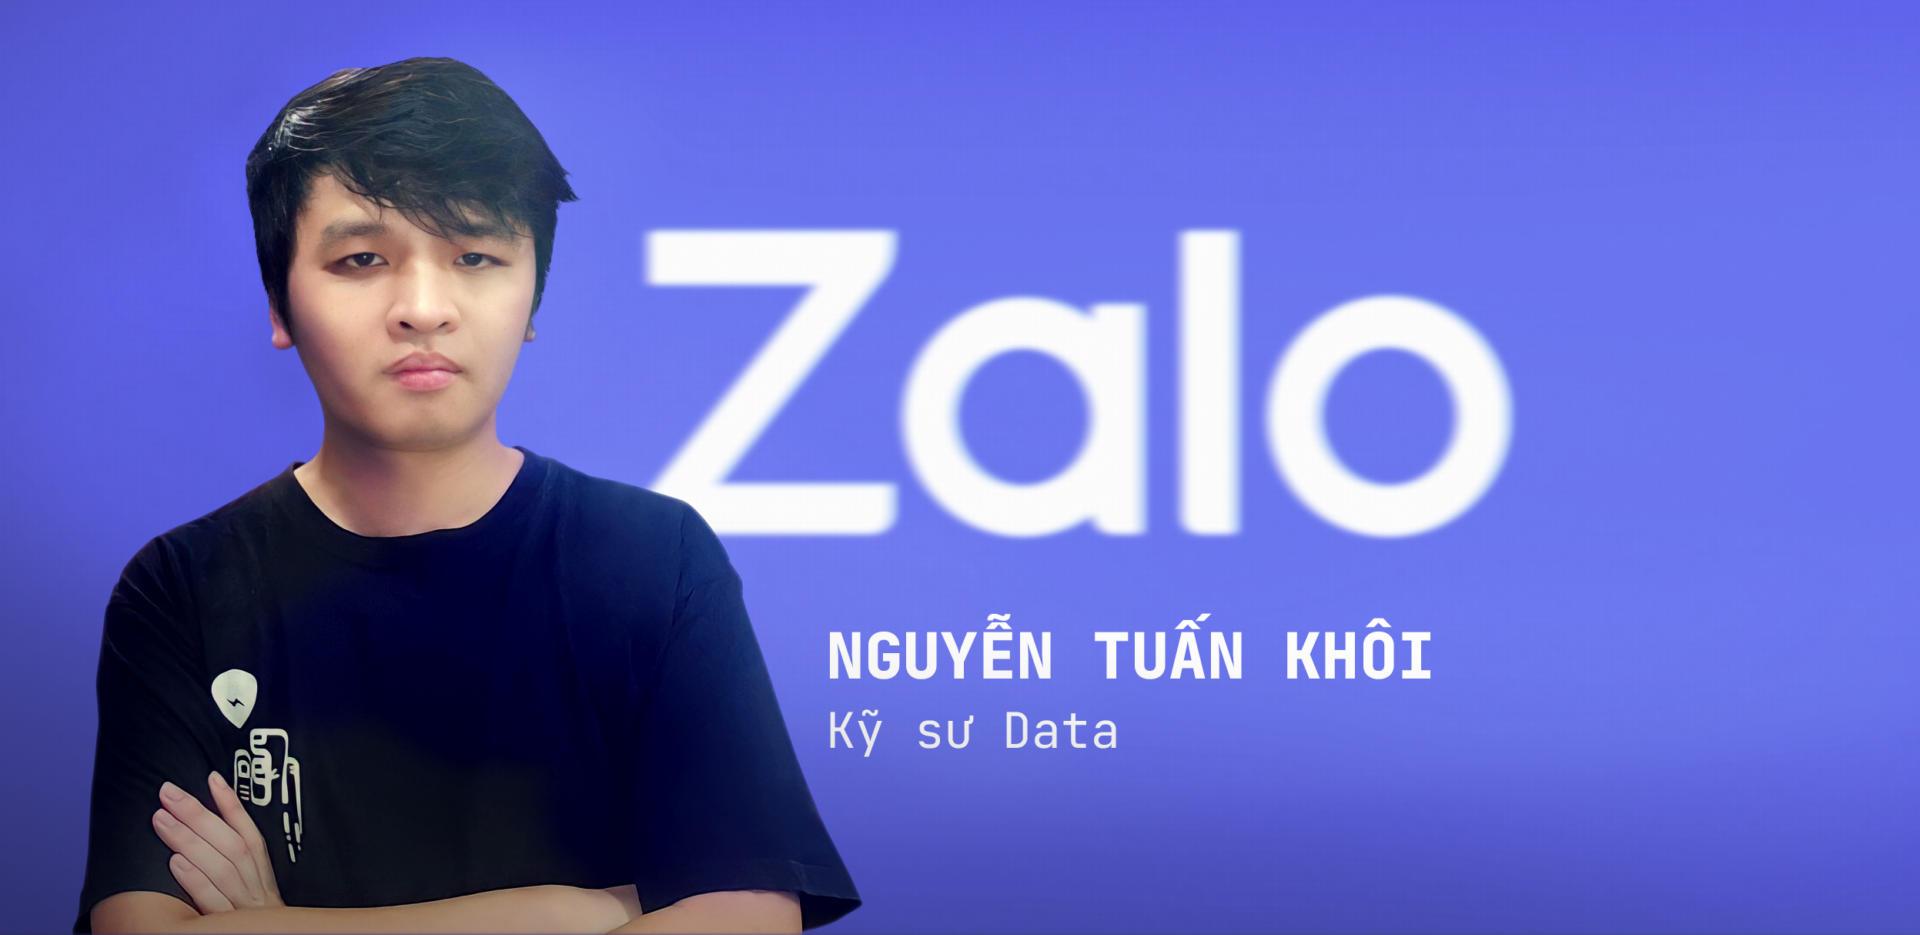 Kỹ sư Zalo chiến thắng trên nền tảng thi AI uy tín nhất thế giới, mang về phần thưởng 30.000 USD